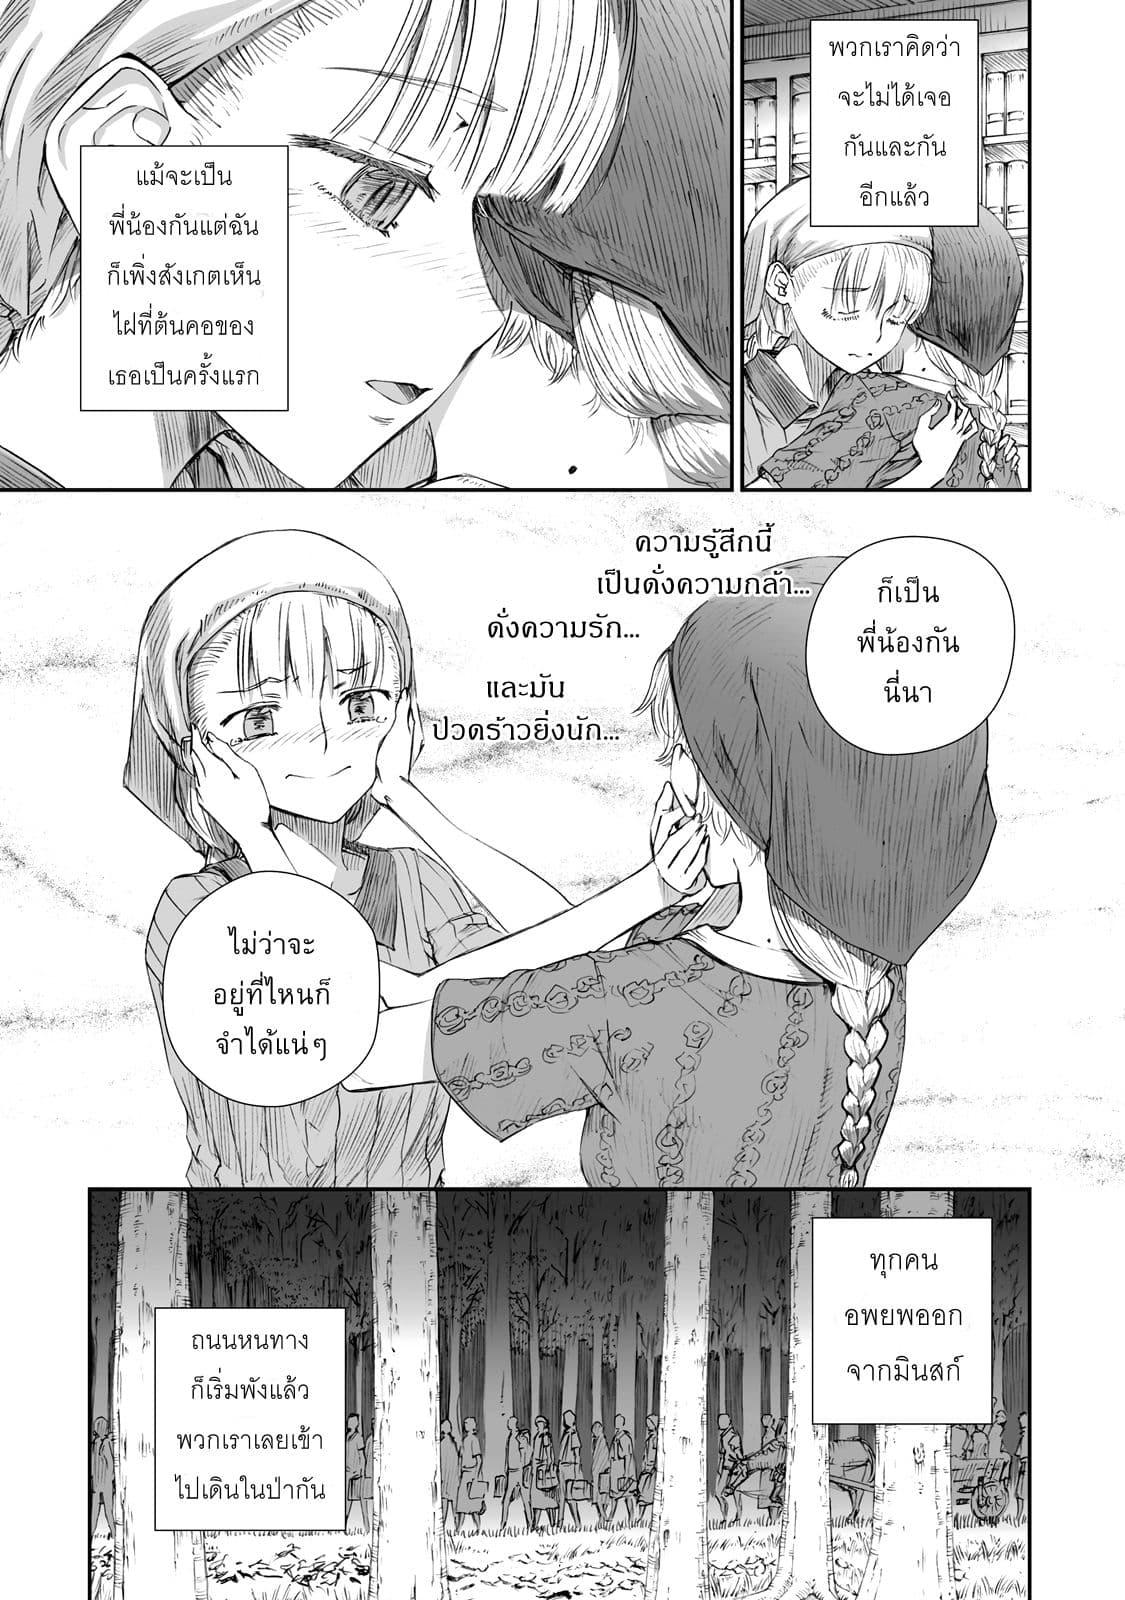 อ่านการ์ตูน Senso wa onna no kao o shite inai ตอนที่ 2 หน้าที่ 3